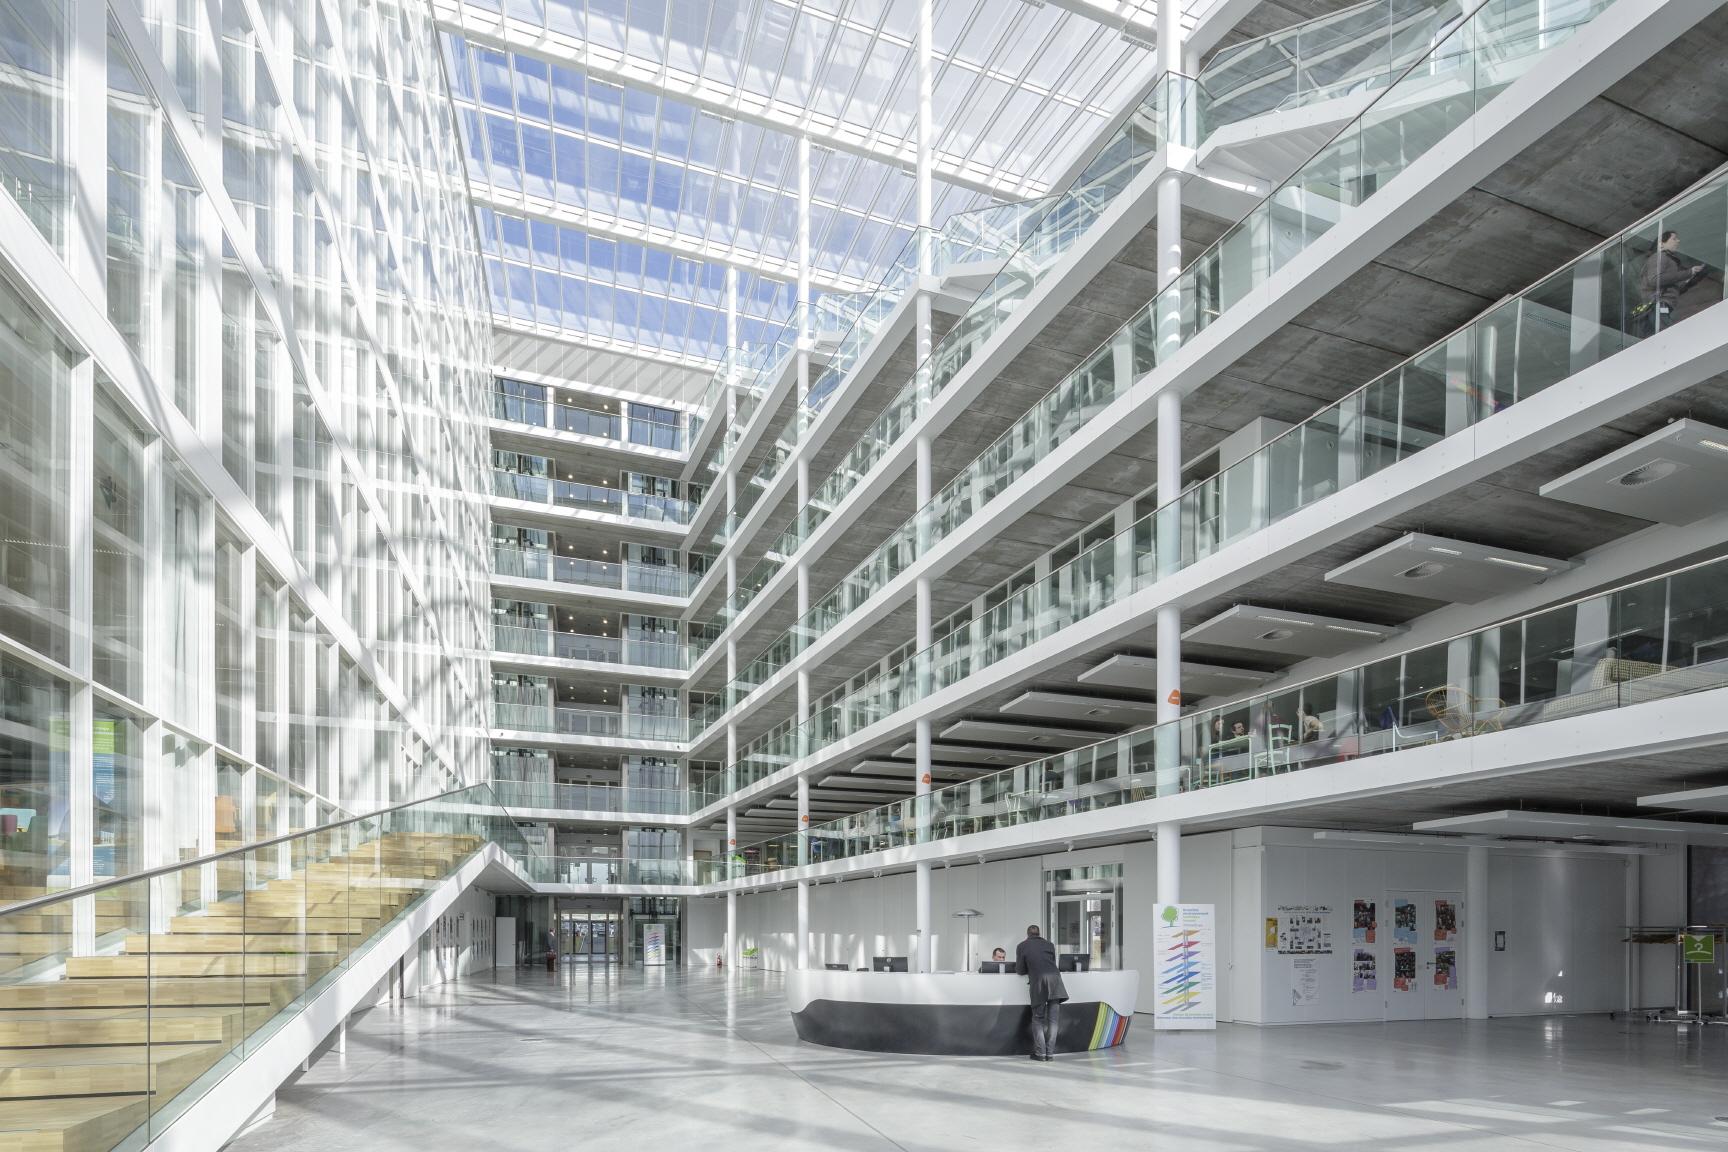 〔안정원의 디자인 칼럼〕 패시브하우스 개념이 적용된 지속가능한 오피스 환경 엿보기